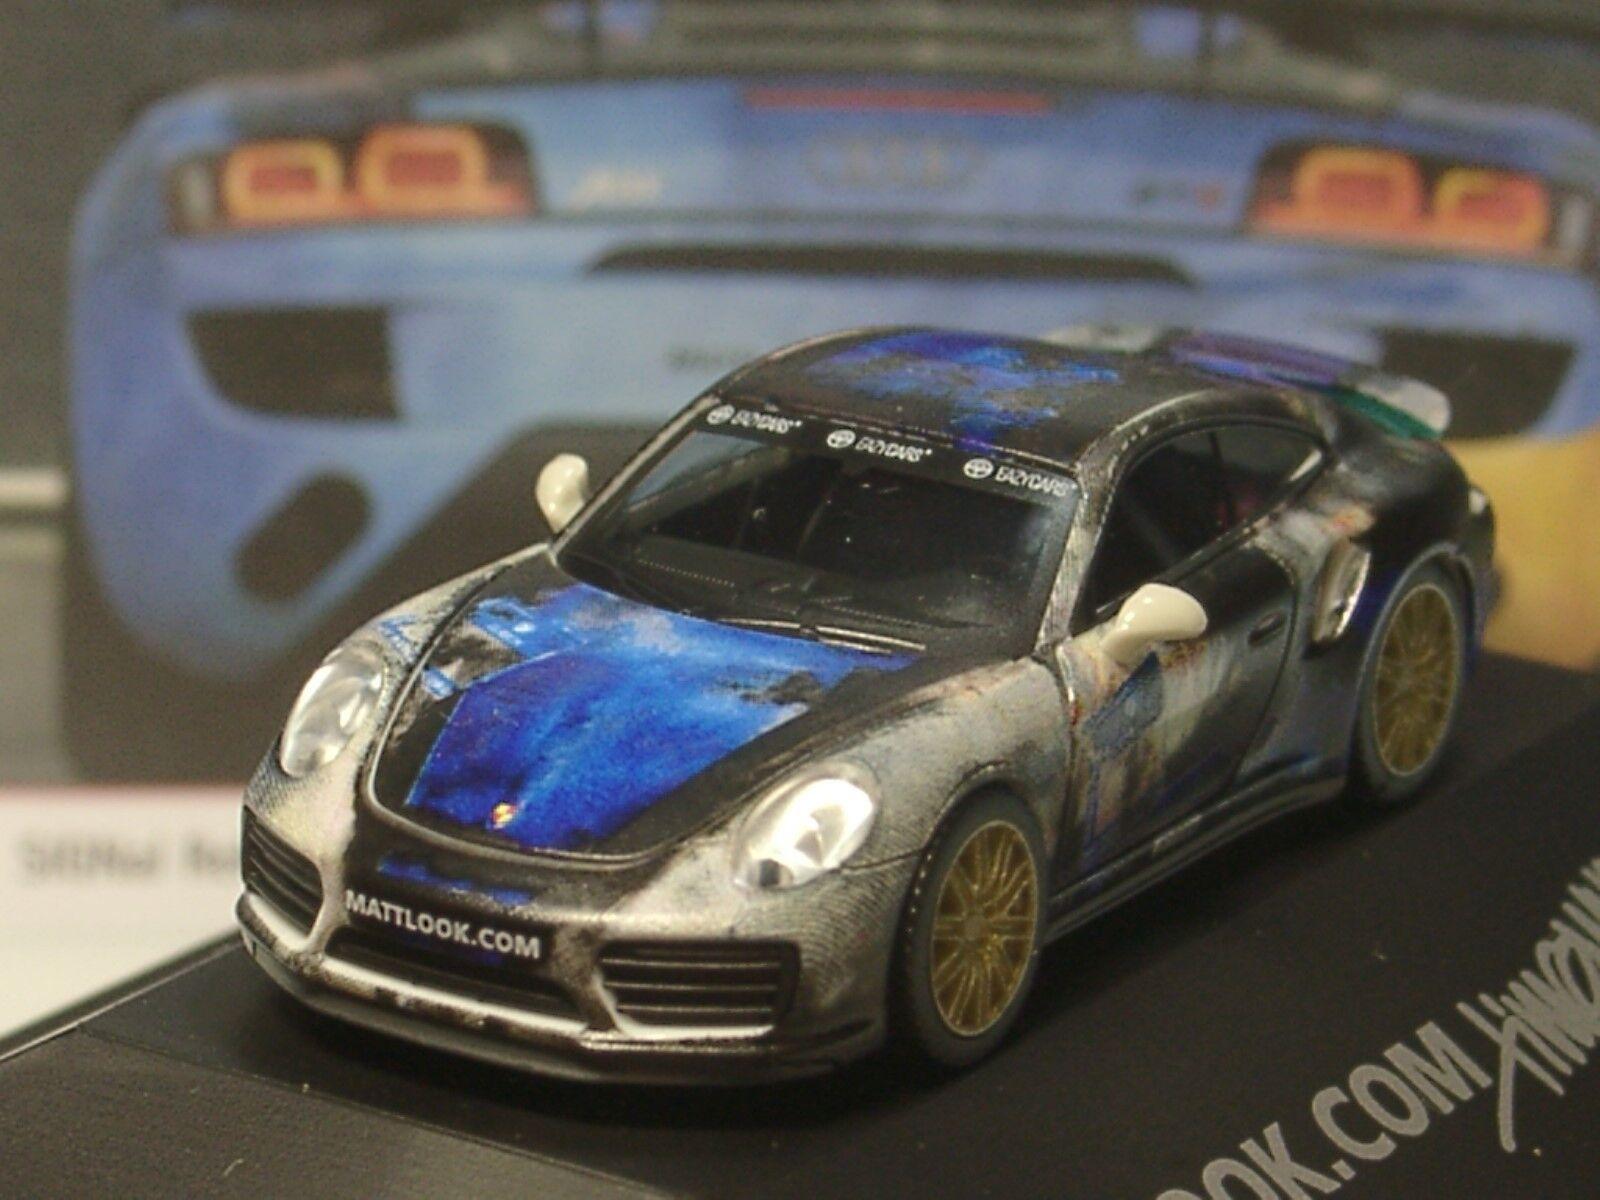 Herpa Porsche 911 Turbo Mattlook Edition 3 - 101981 - 1 87